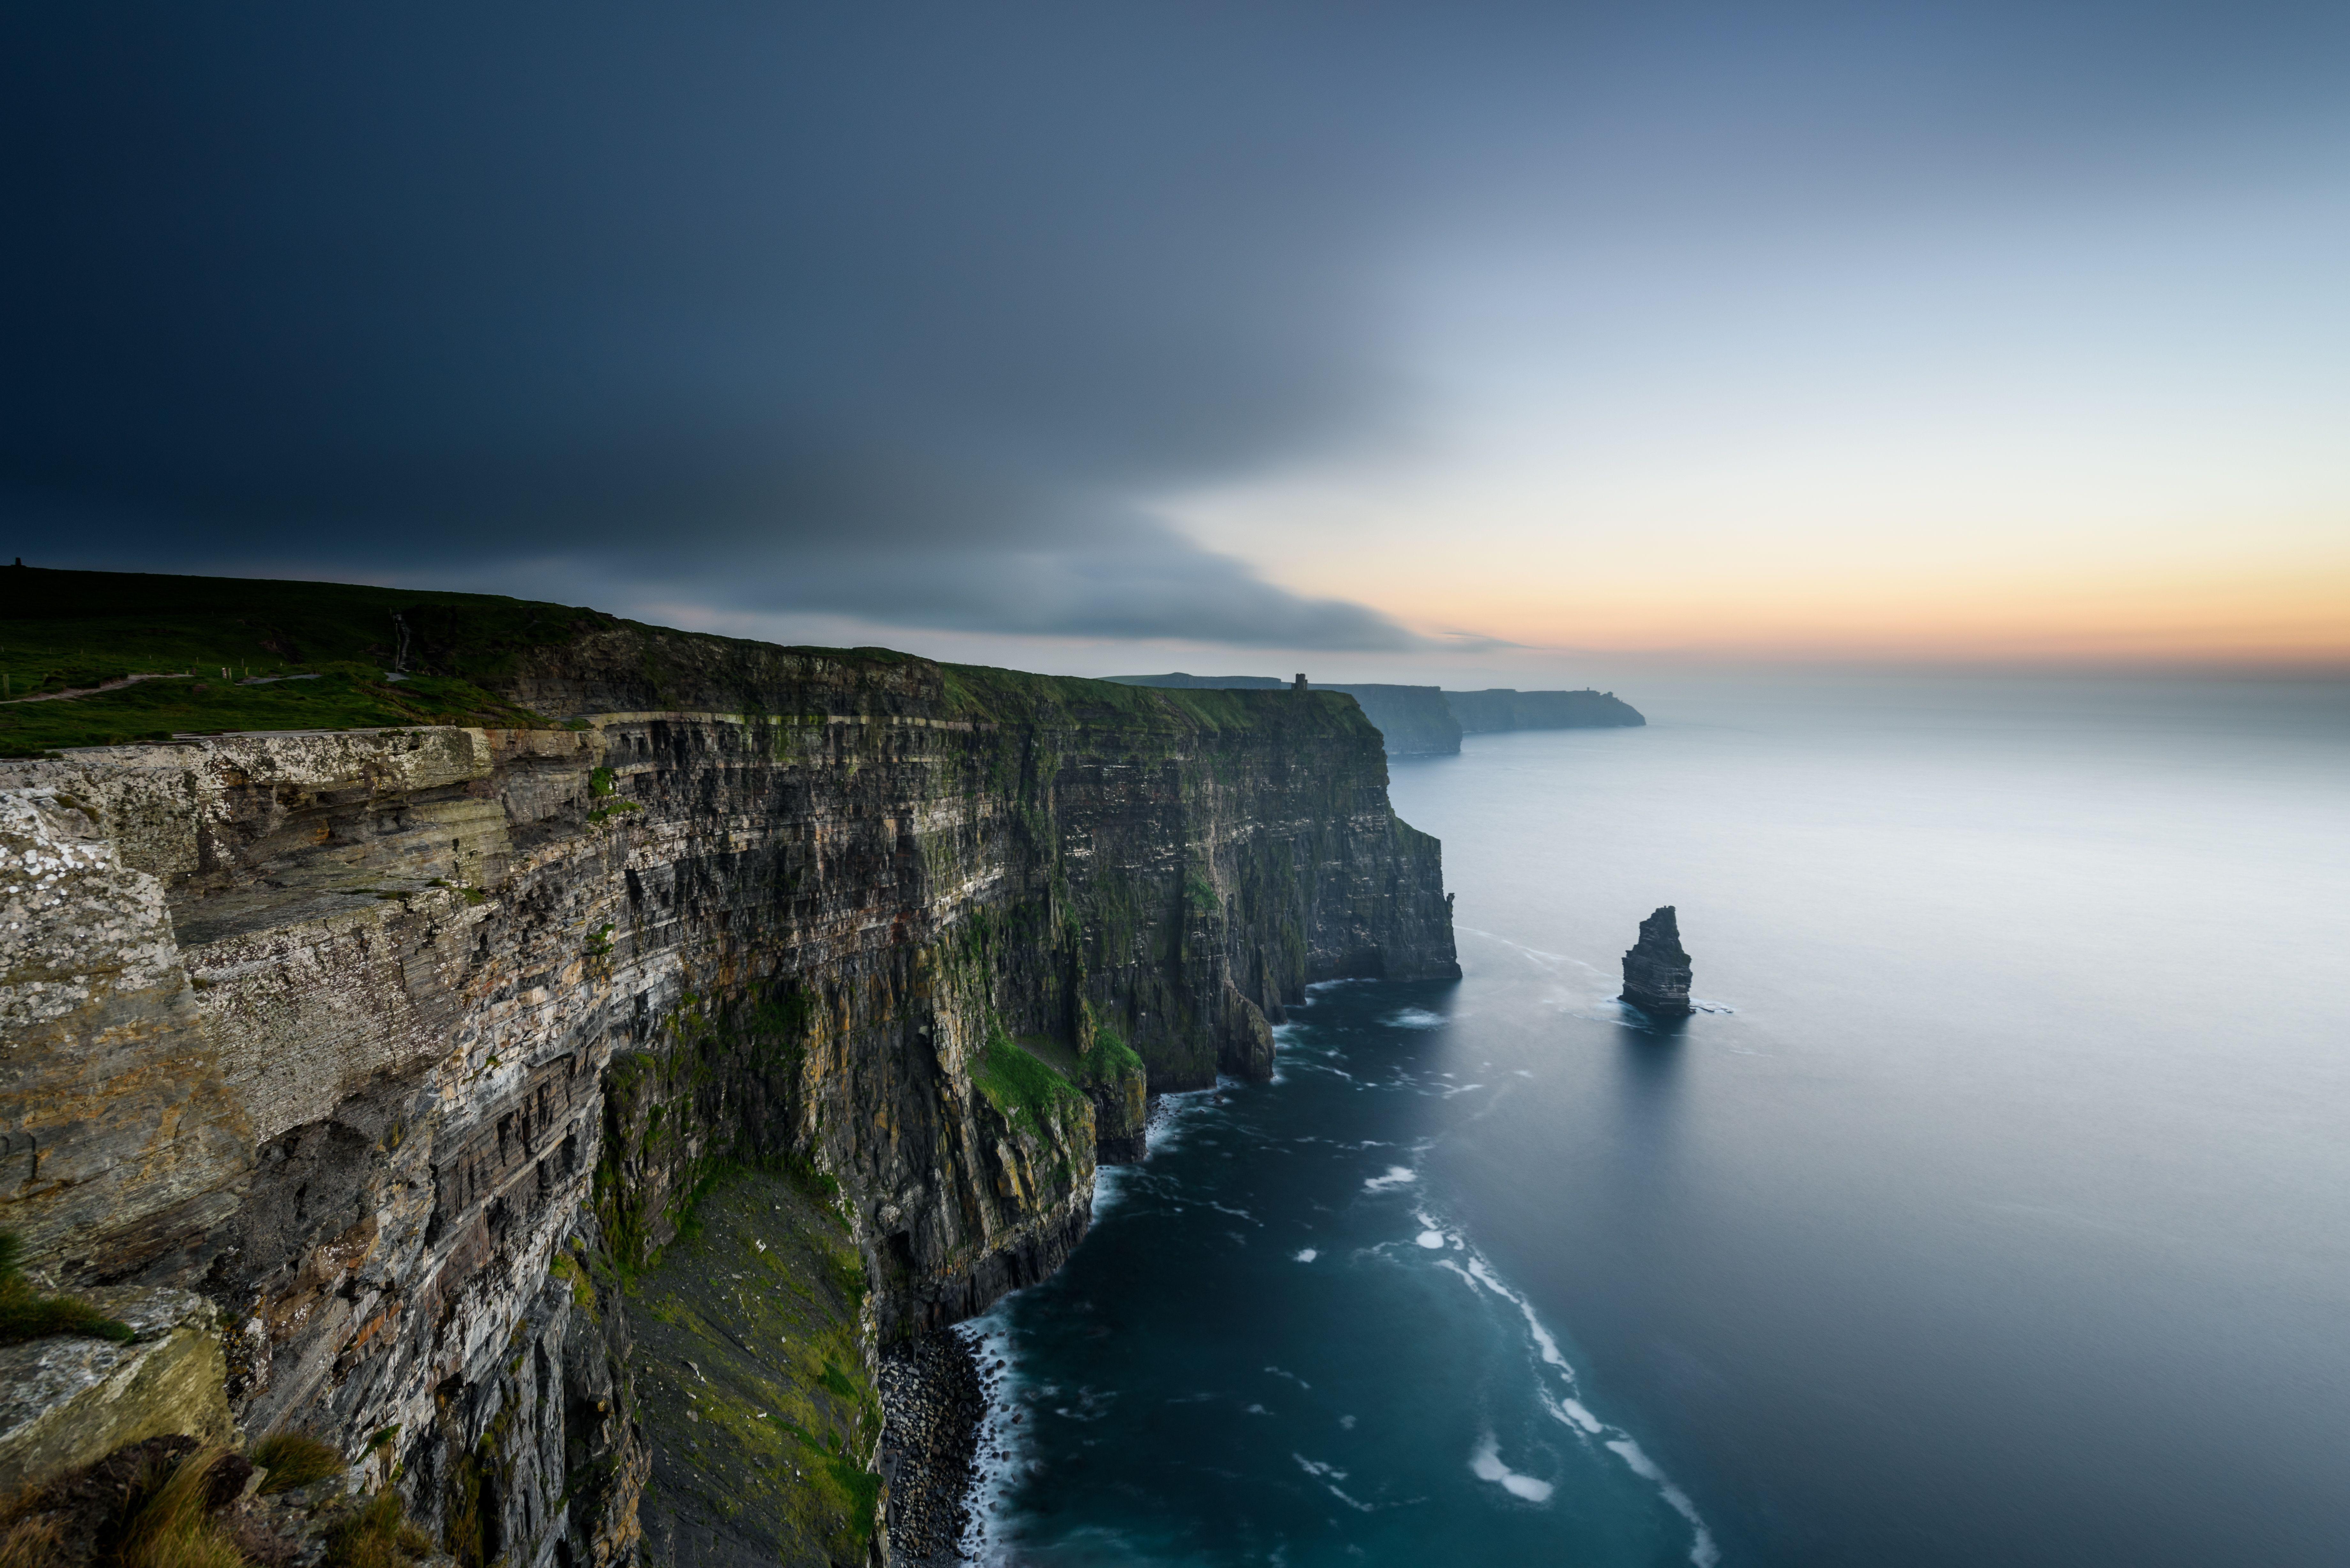 Ireland landscape desktop wallpapers top free ireland - Ireland background wallpaper ...